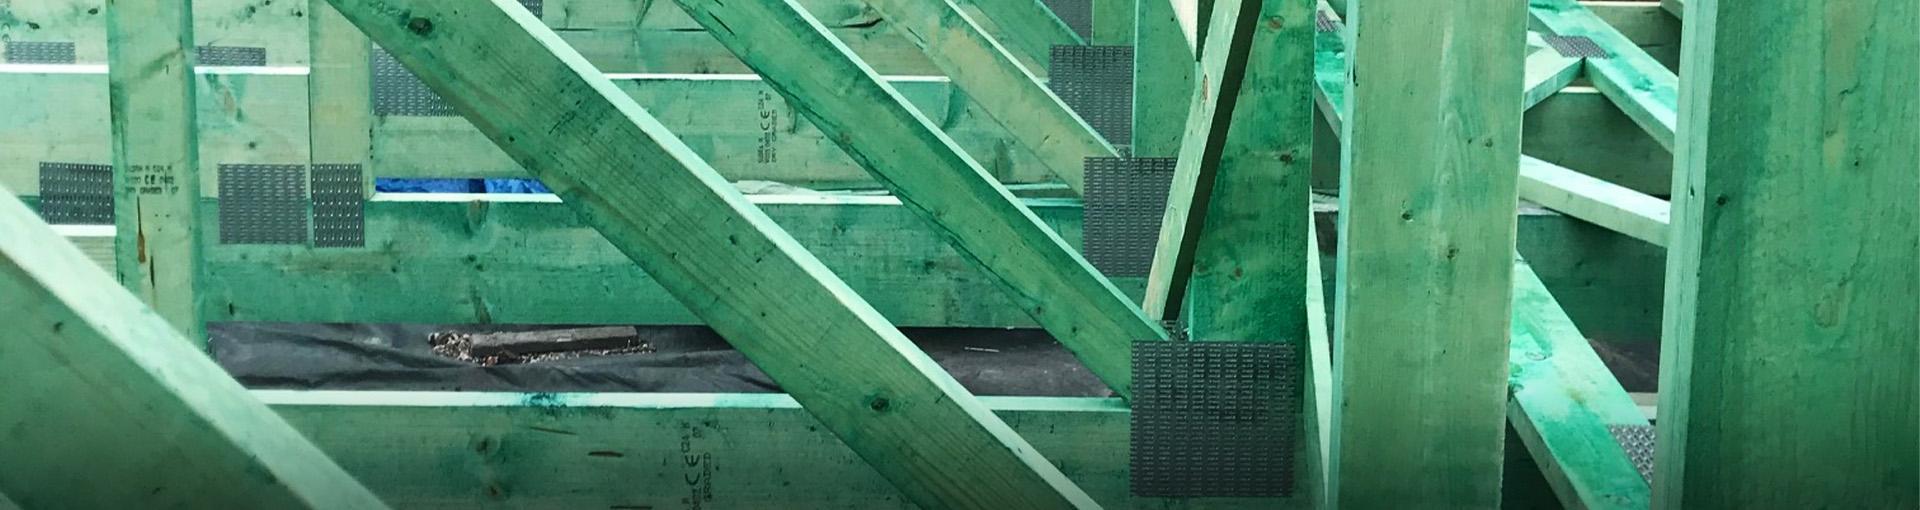 szkielet budowy domu - Baner